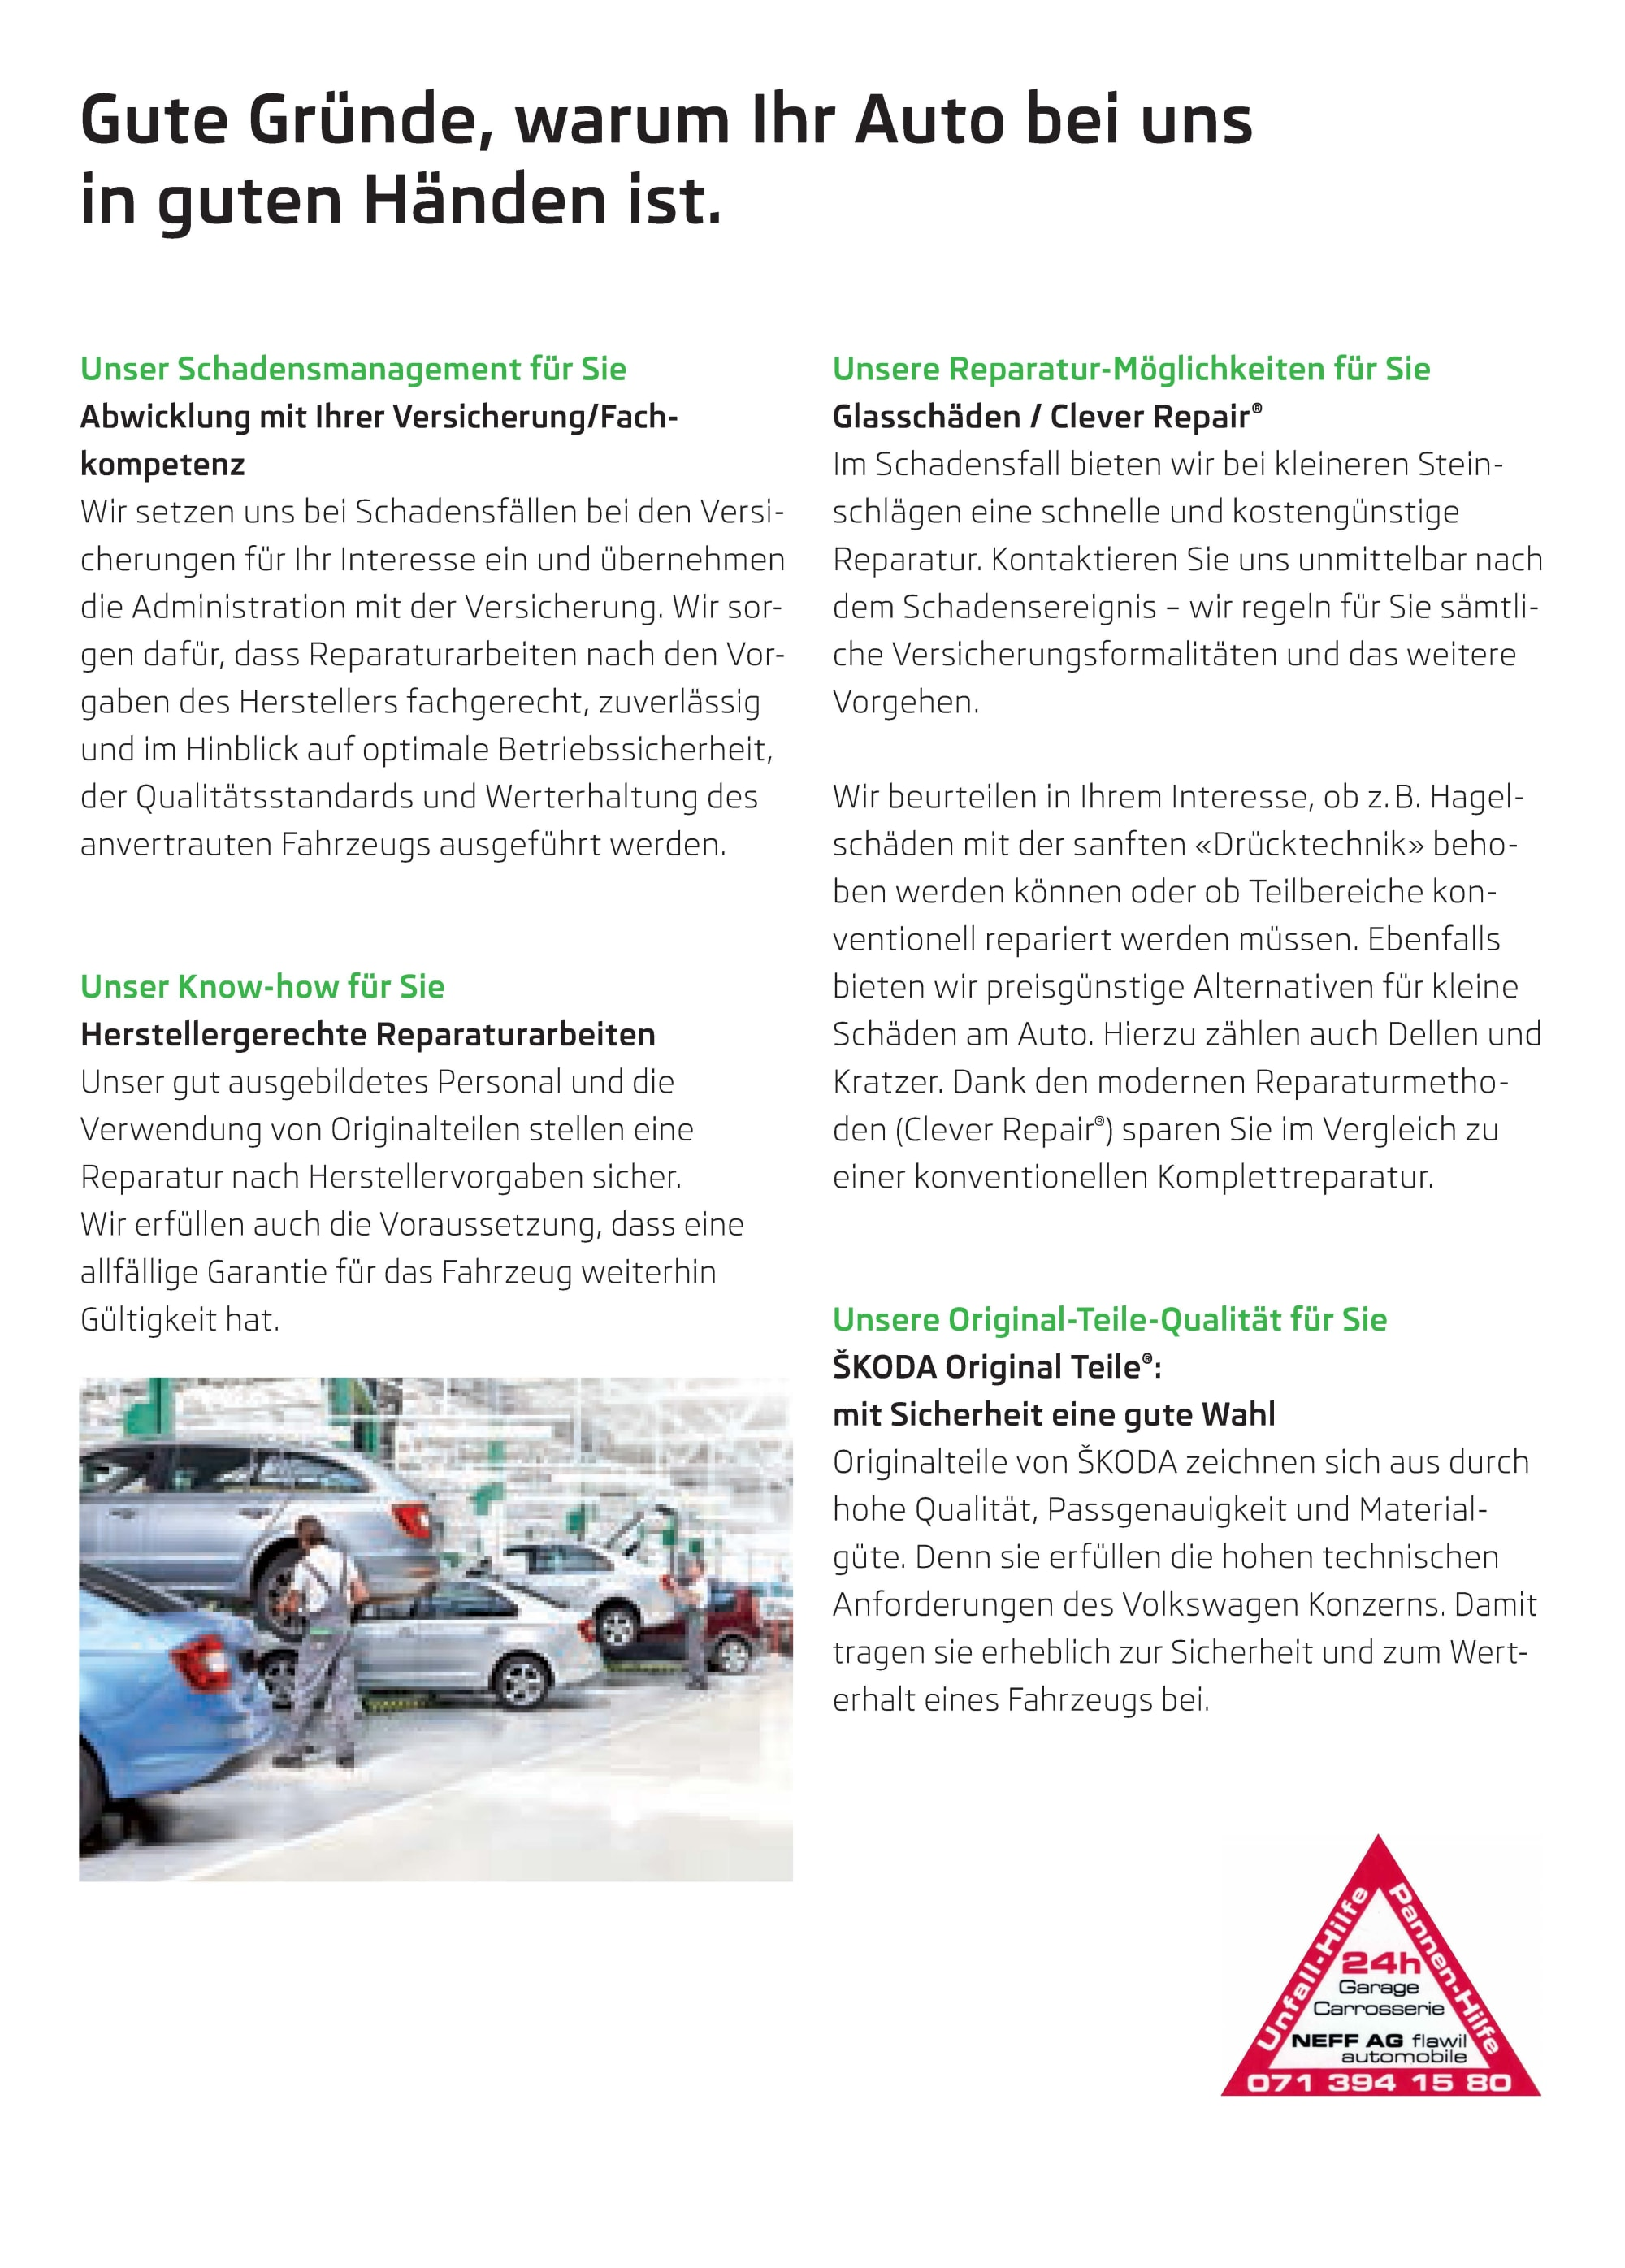 Pannen- und Unfallmanagement NEFF AG Webseite_Seite_4